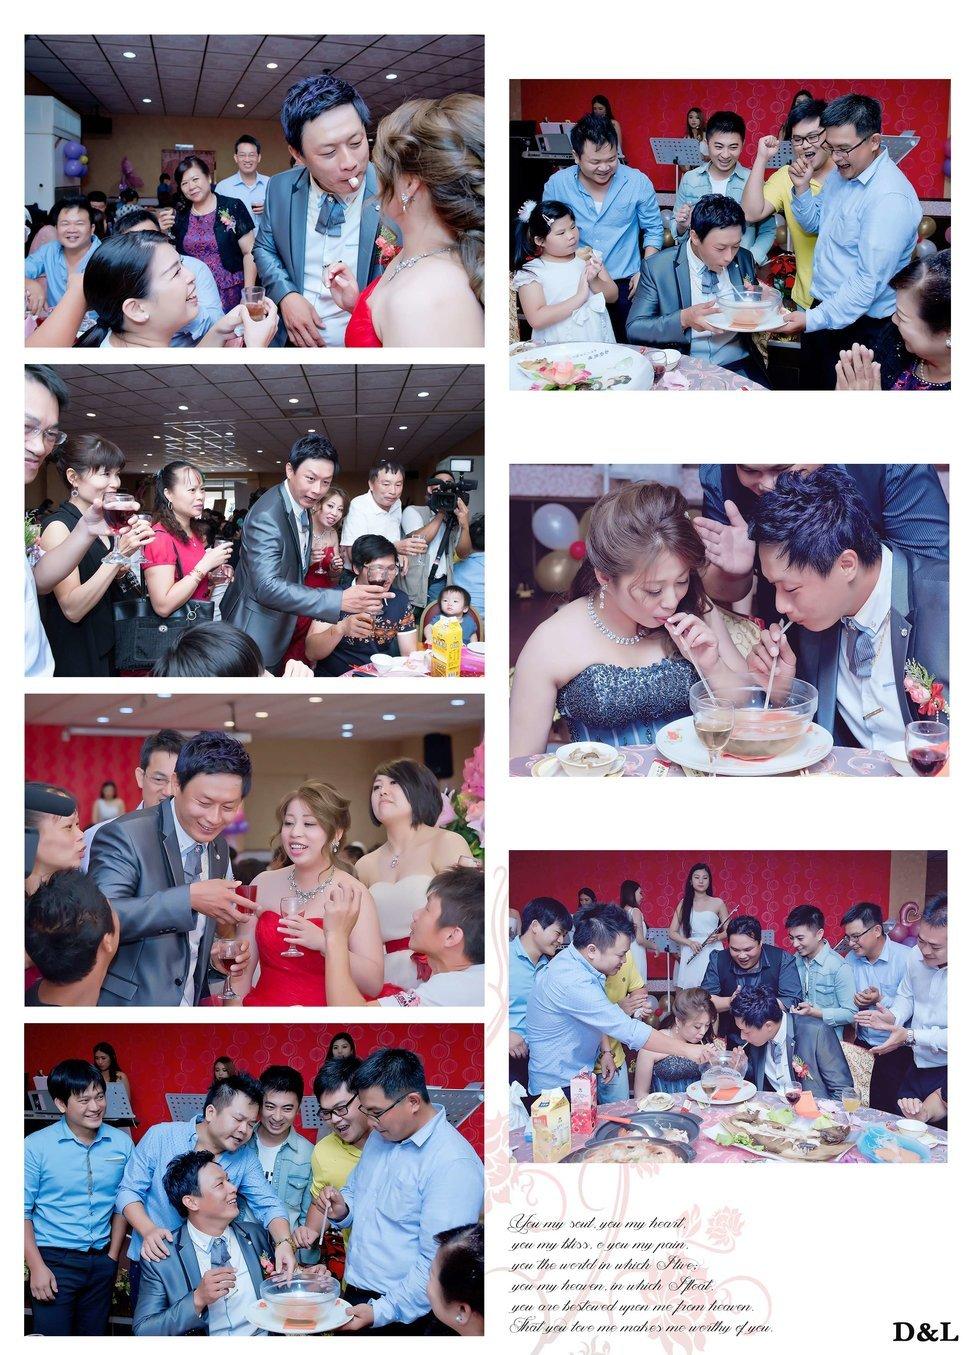 婚禮紀錄-敬添&綉芬(編號:253245) - D&L 婚禮事務-婚禮攝影/婚紗攝影 - 結婚吧一站式婚禮服務平台